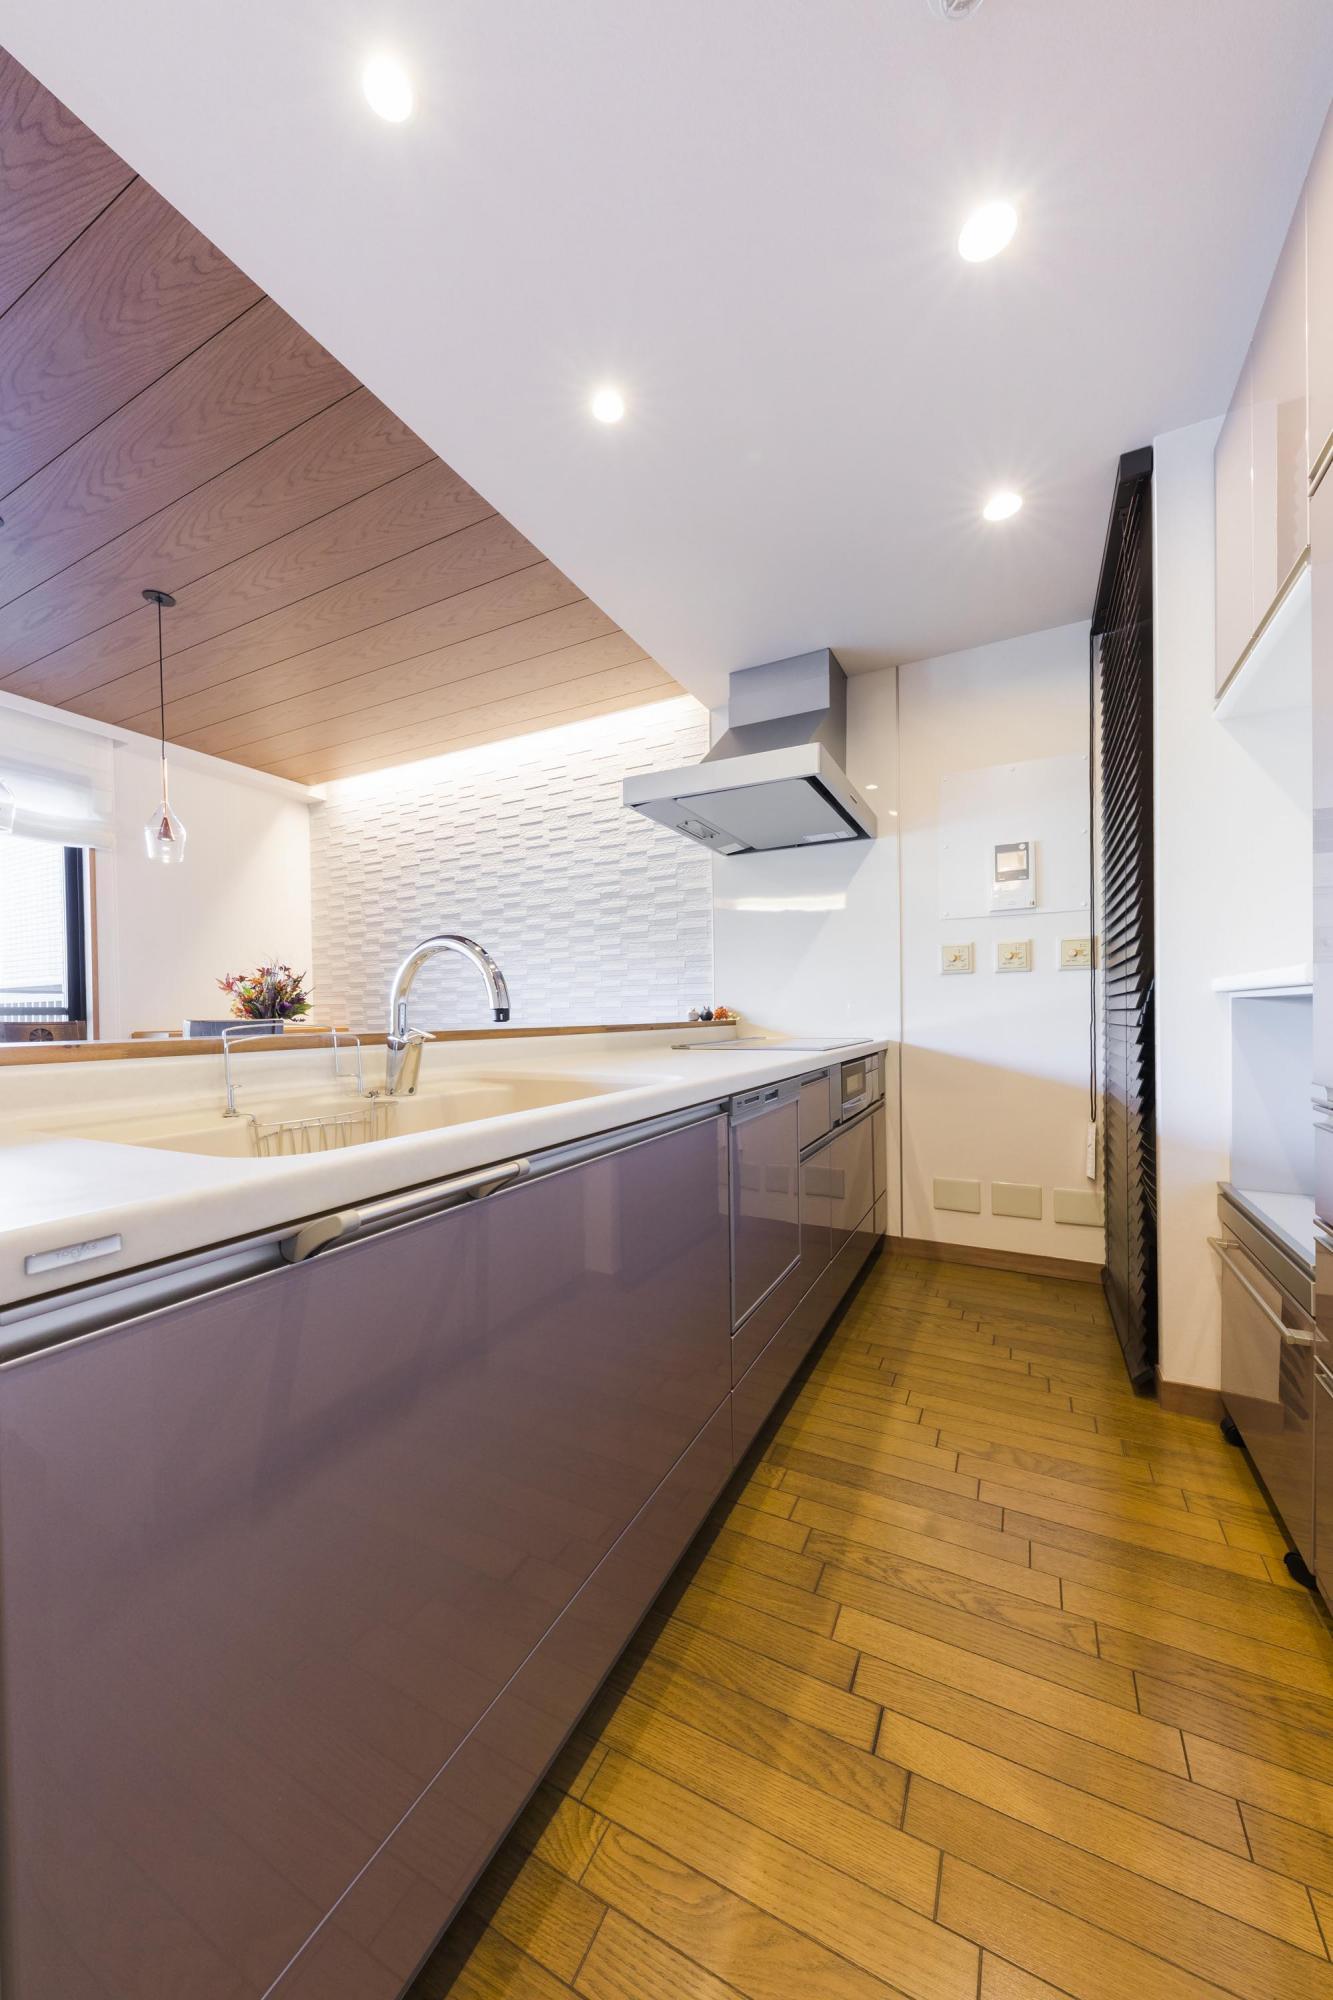 ブラウンを基調に、質感溢れるキッチンに。ダイニングの壁には調湿・消臭効果があり、空間のアクセントにもなるエコカラットを採用している